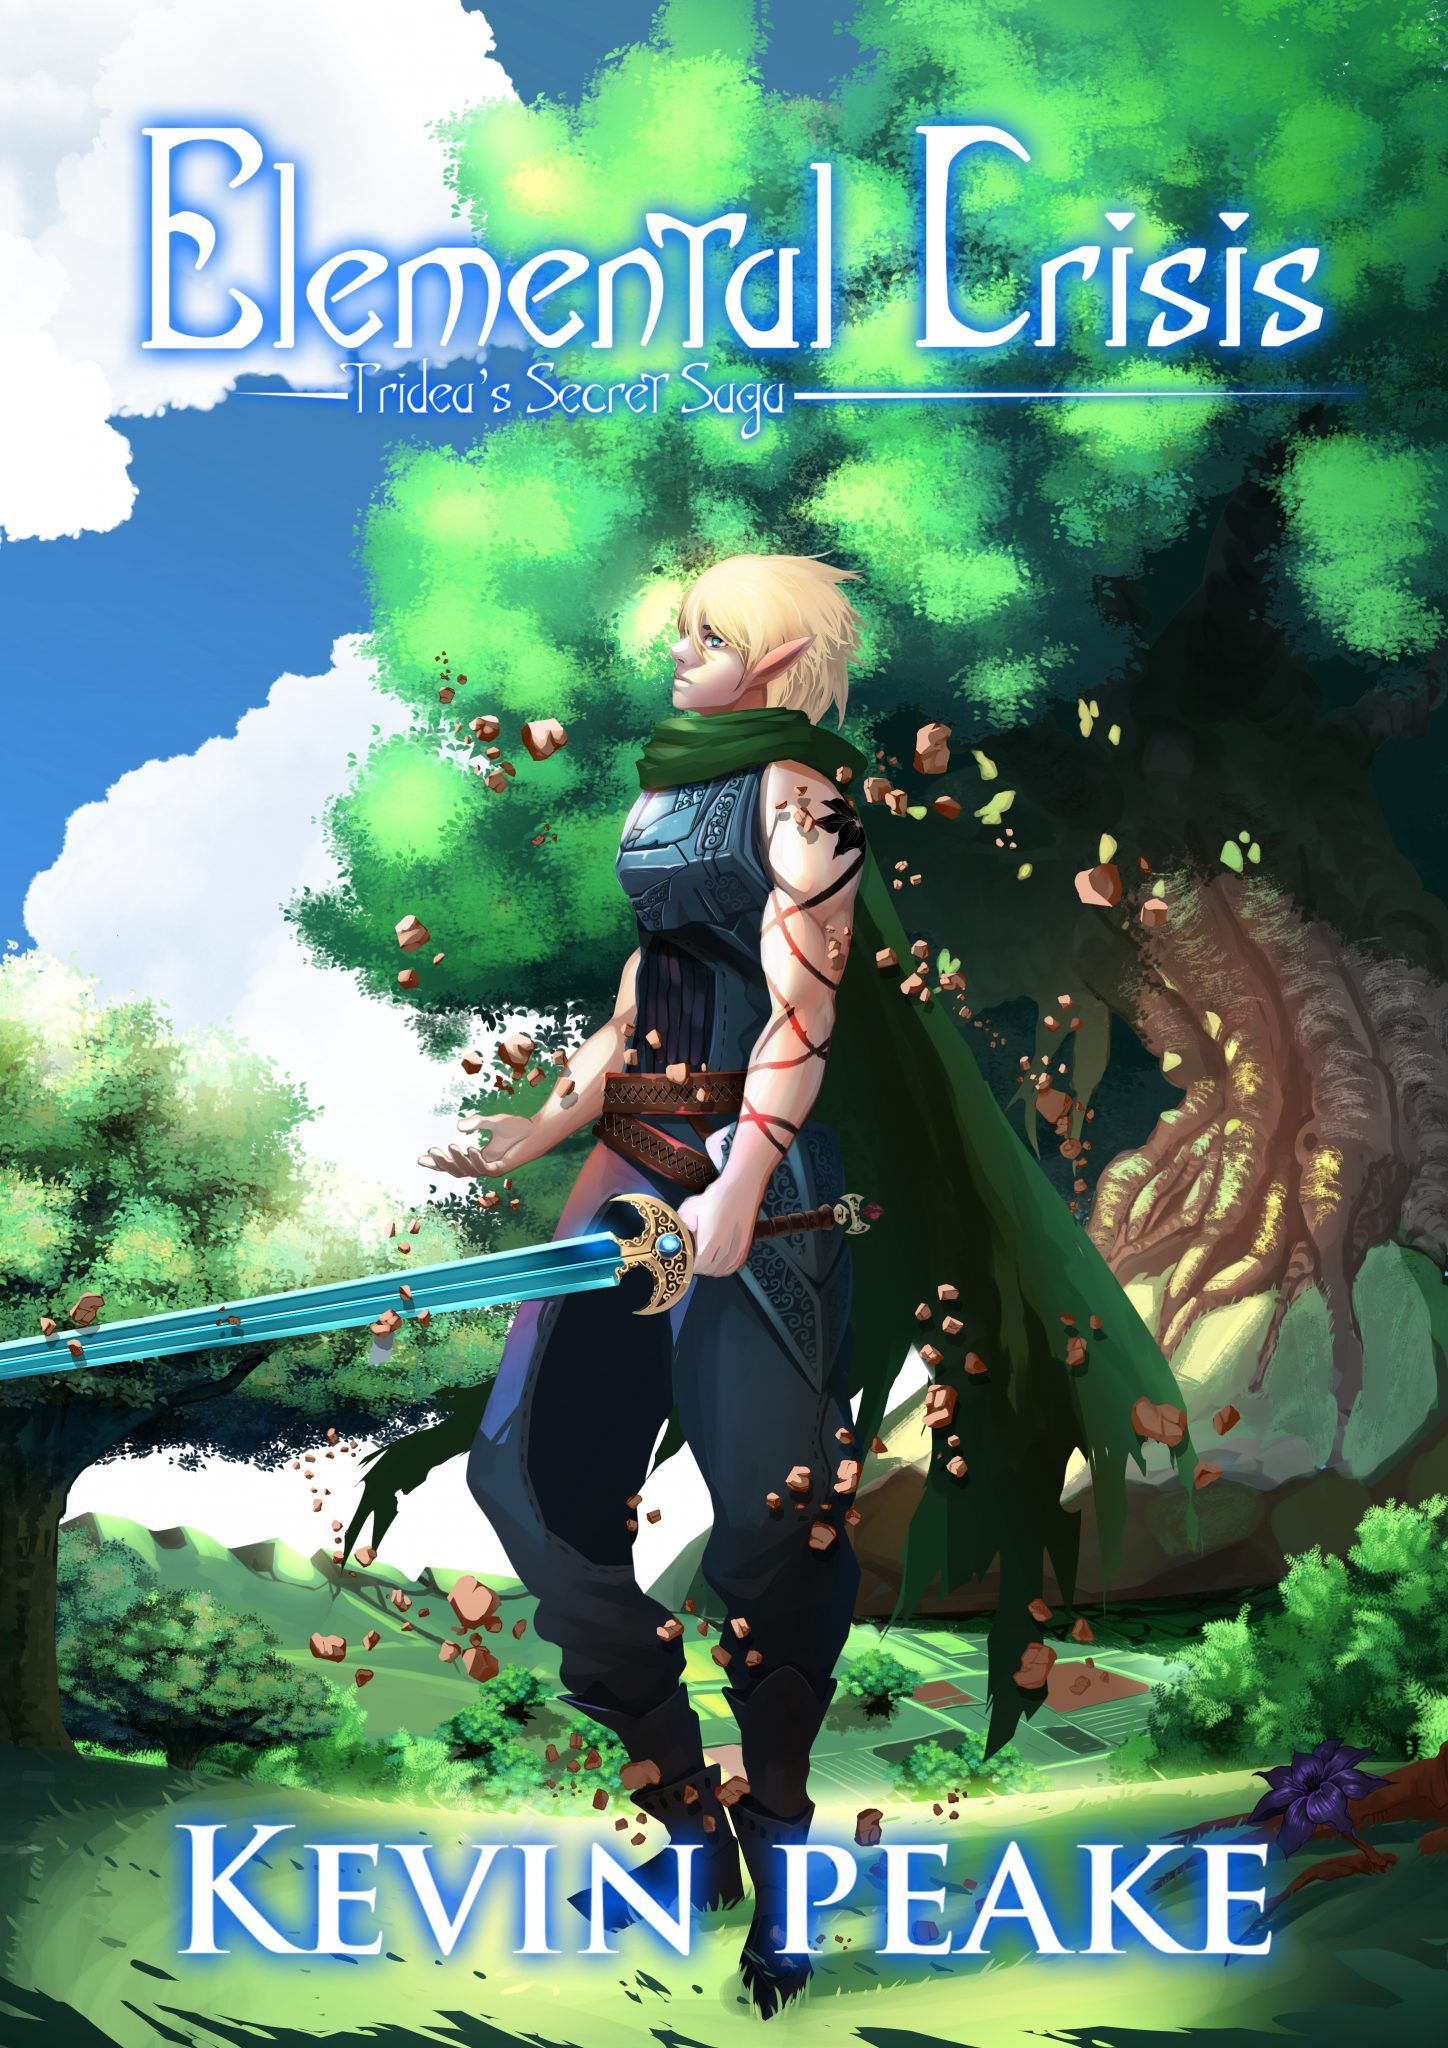 Tridea's Secret Saga #2 - Elemental Crisis